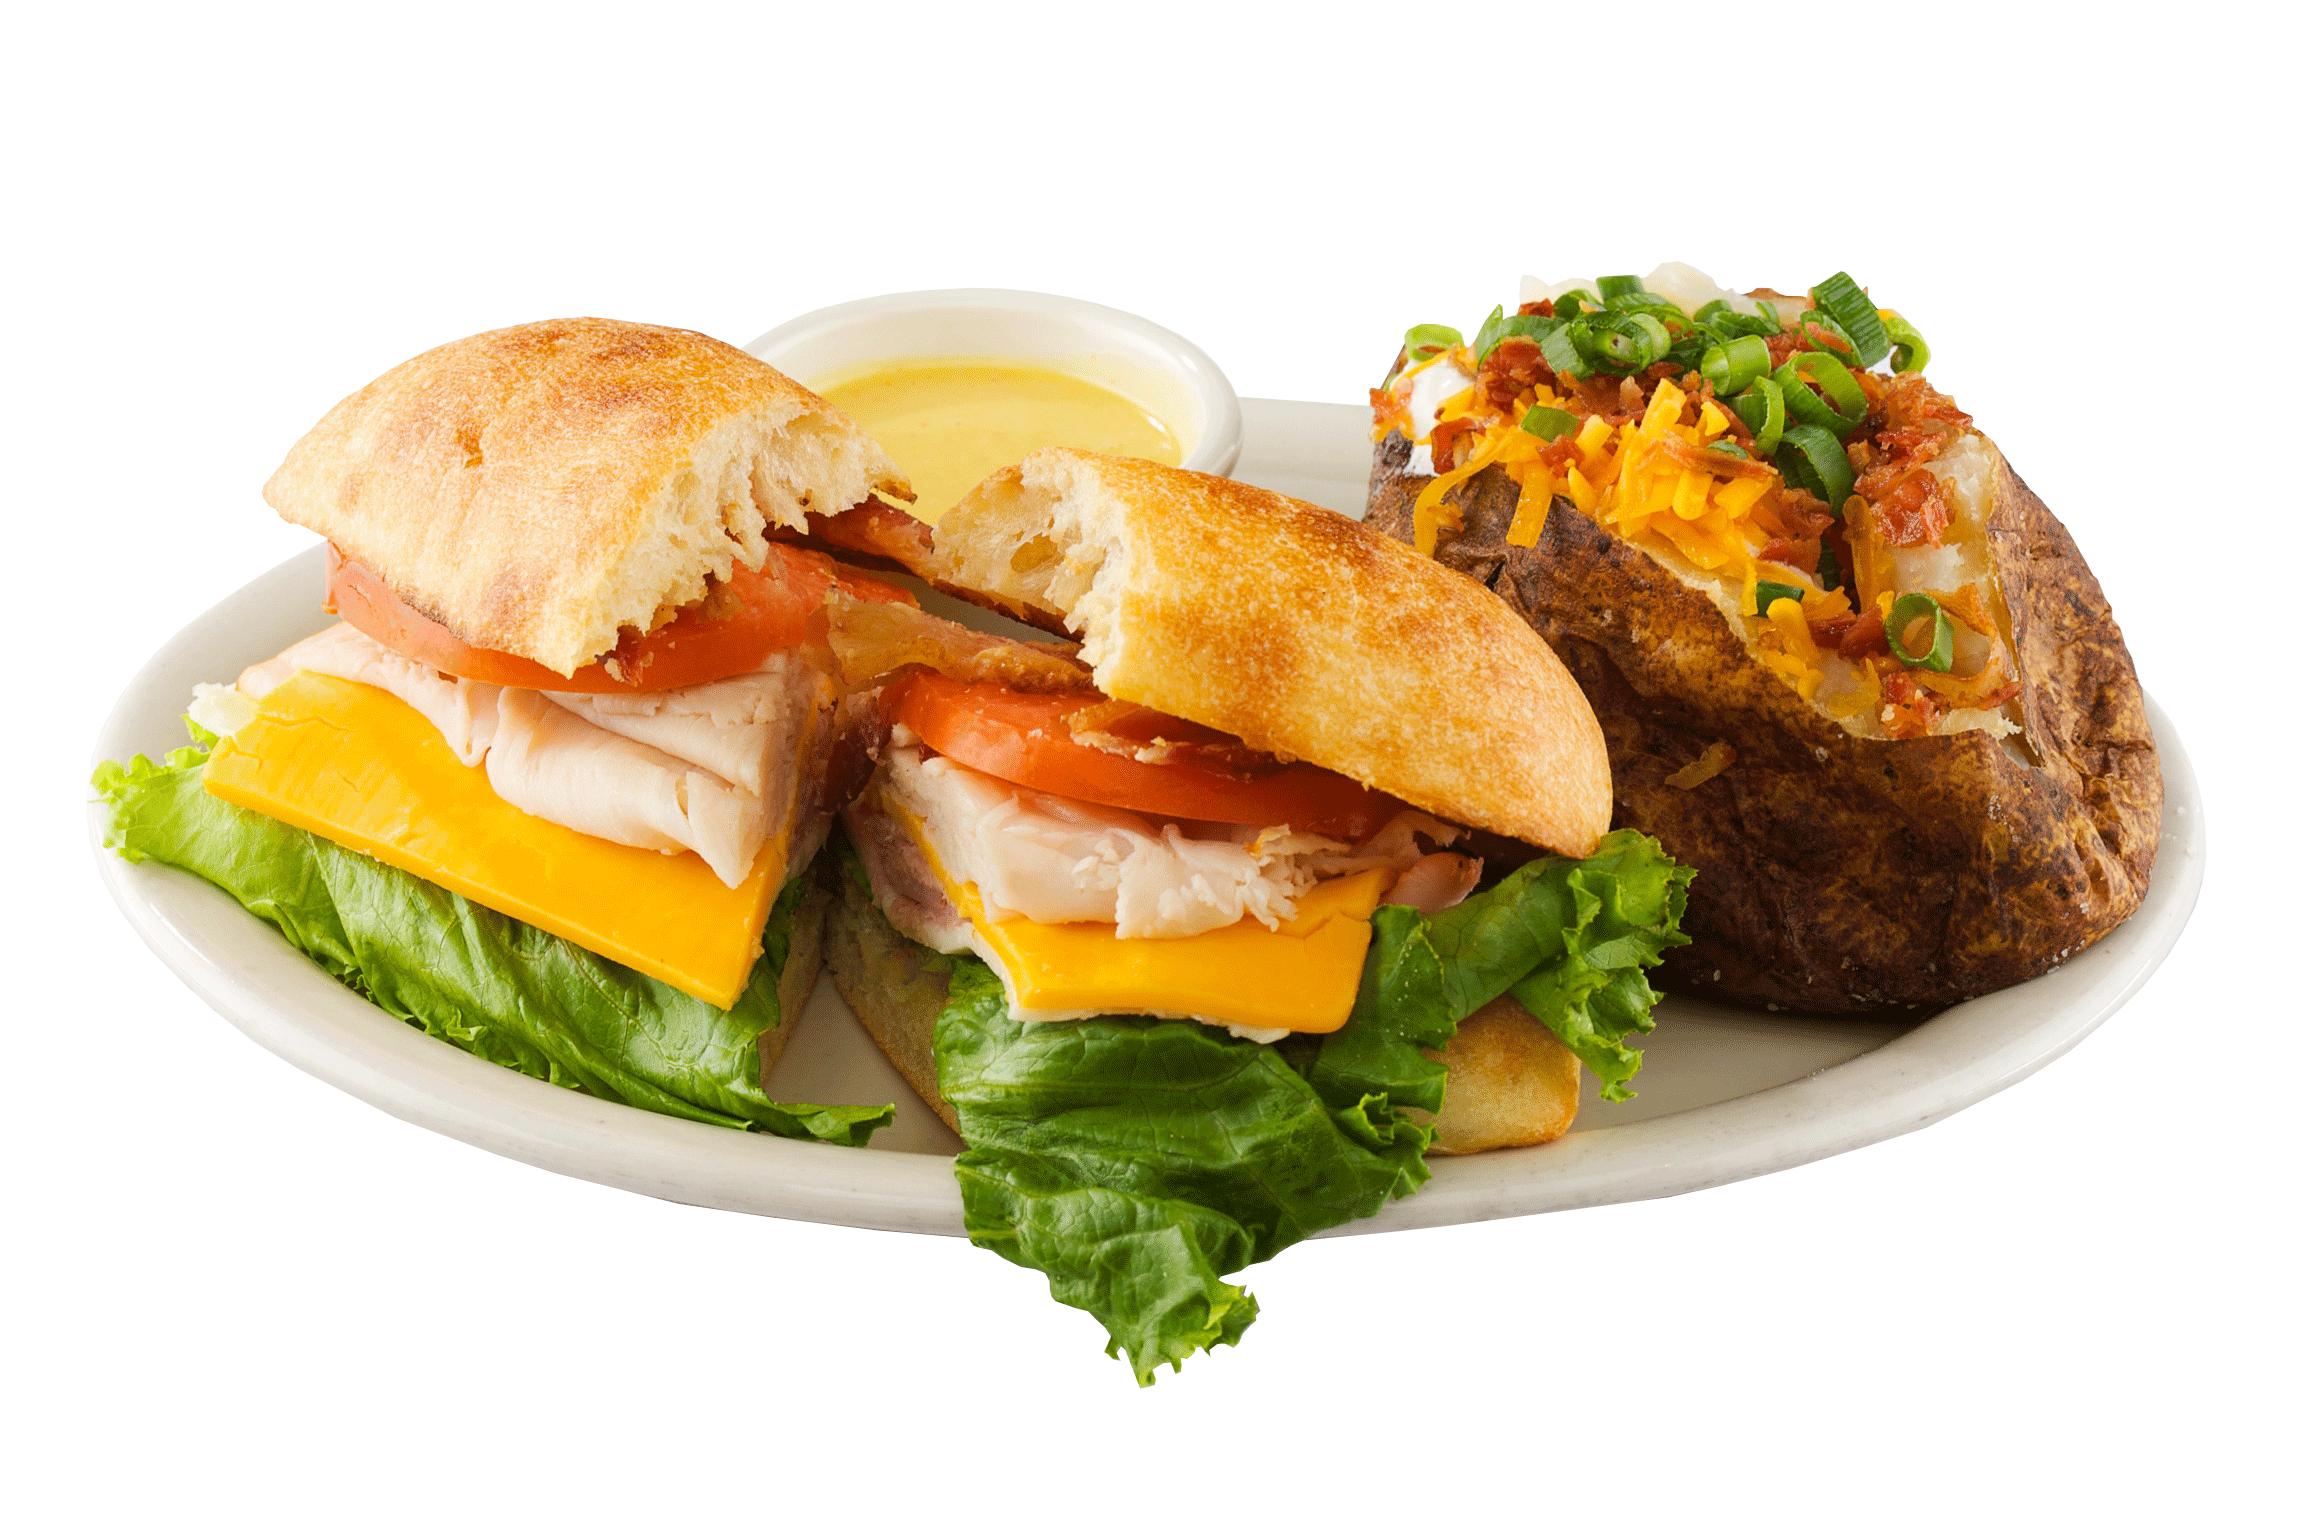 Healthy Fast Food Buffalo Ny